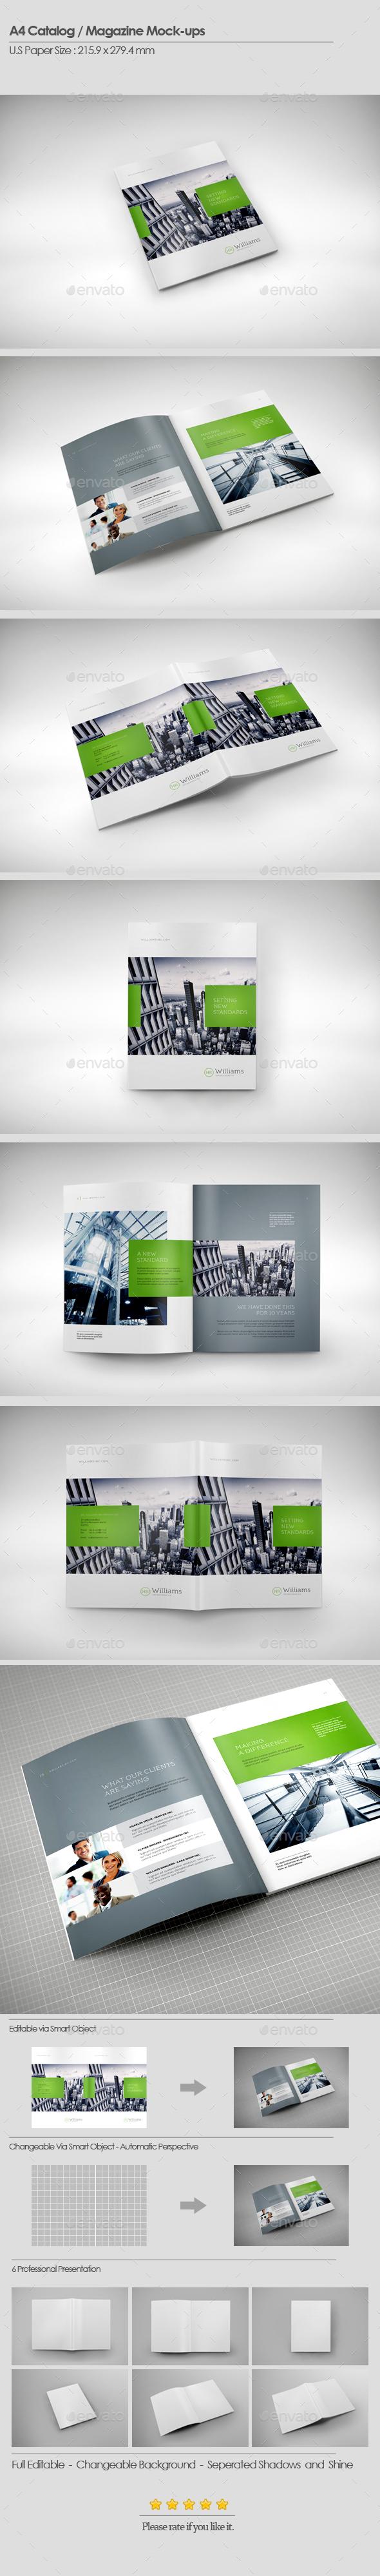 A4 Catalog / Magazines Mock-Ups - Brochures Print